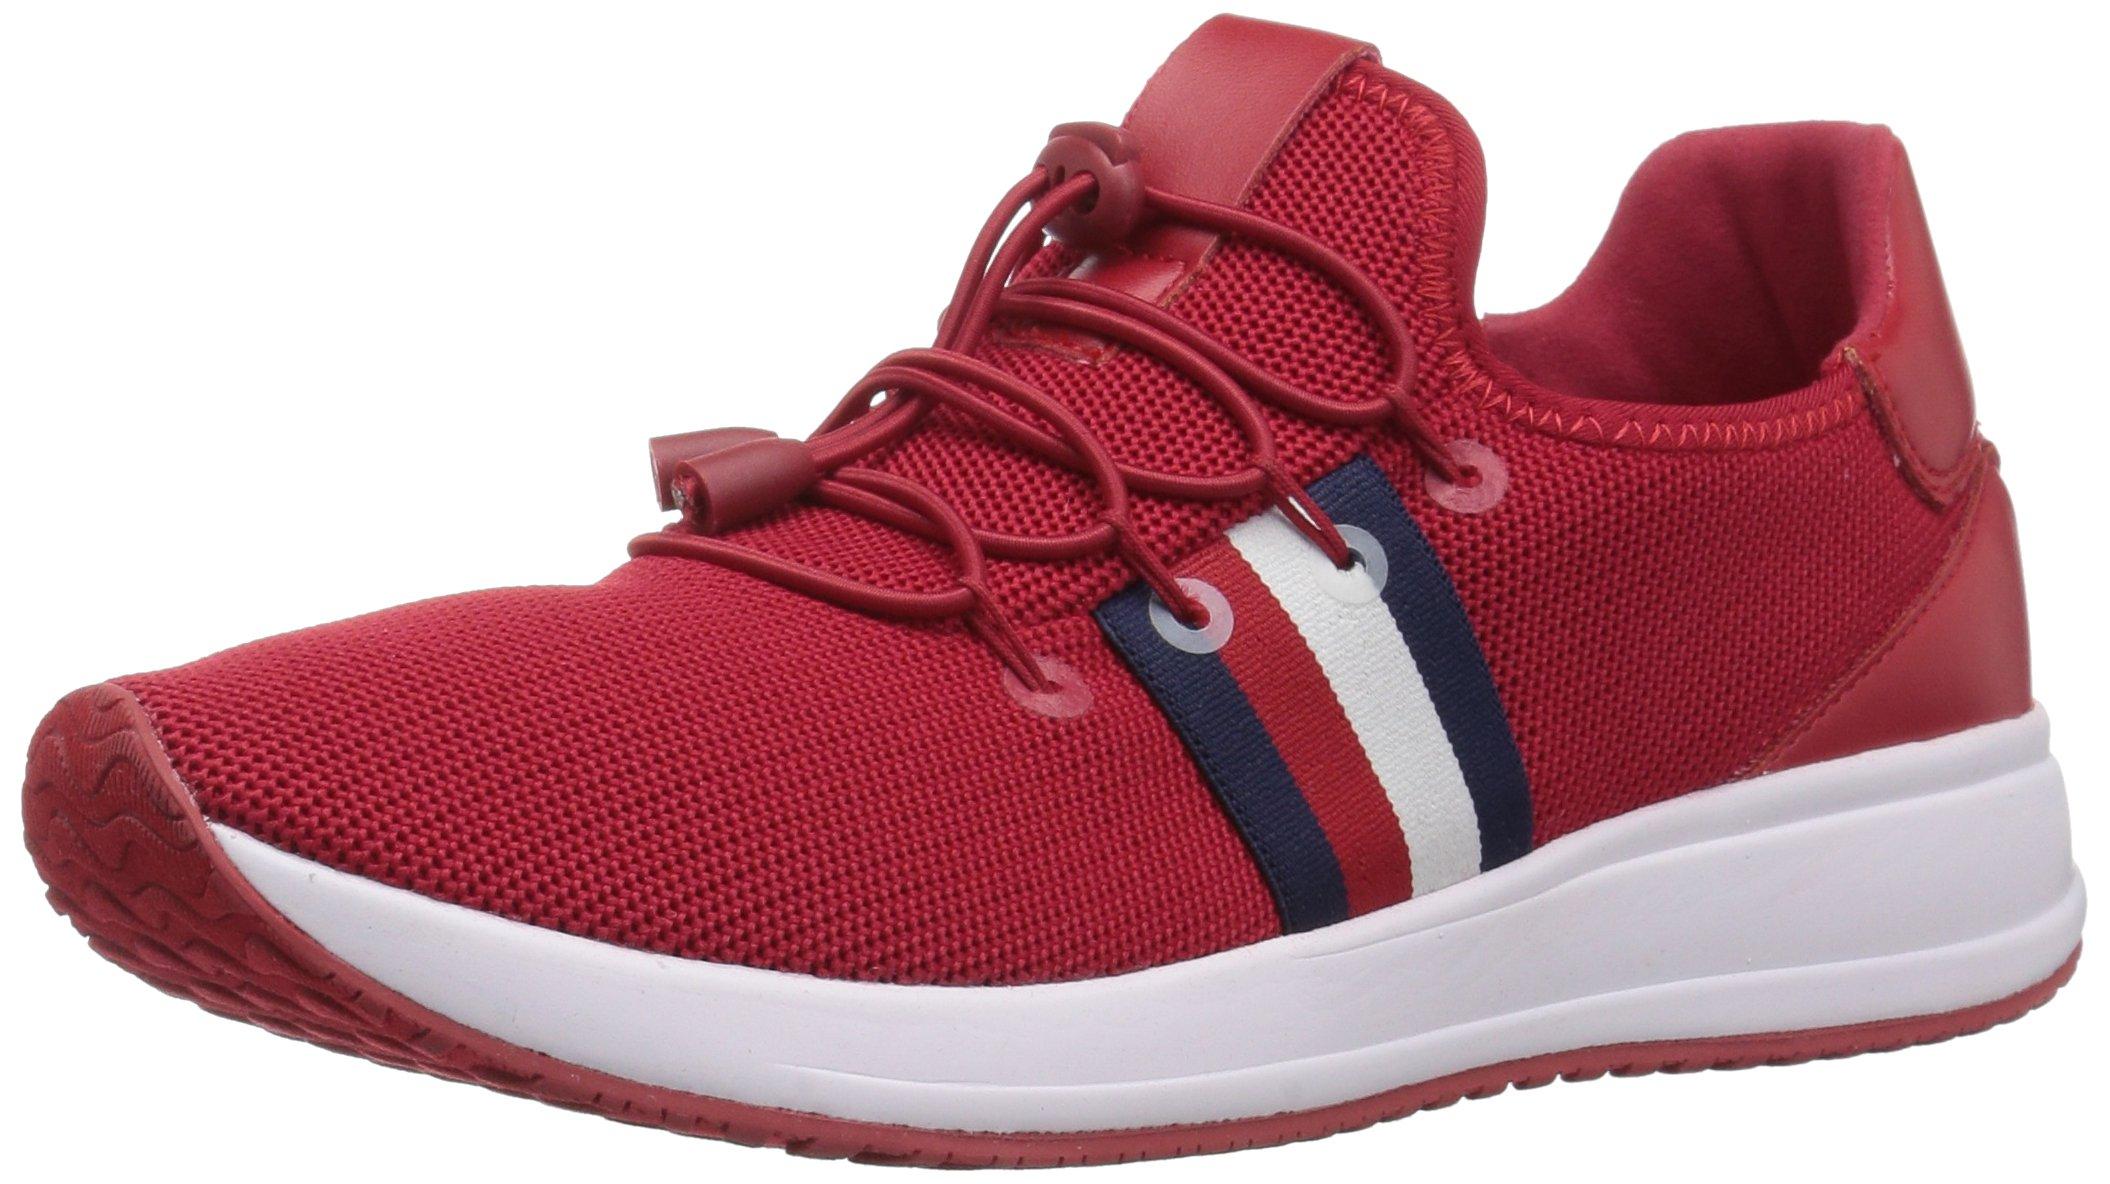 Tommy Hilfiger Women's Rhena Sneaker, Red, 6 M US